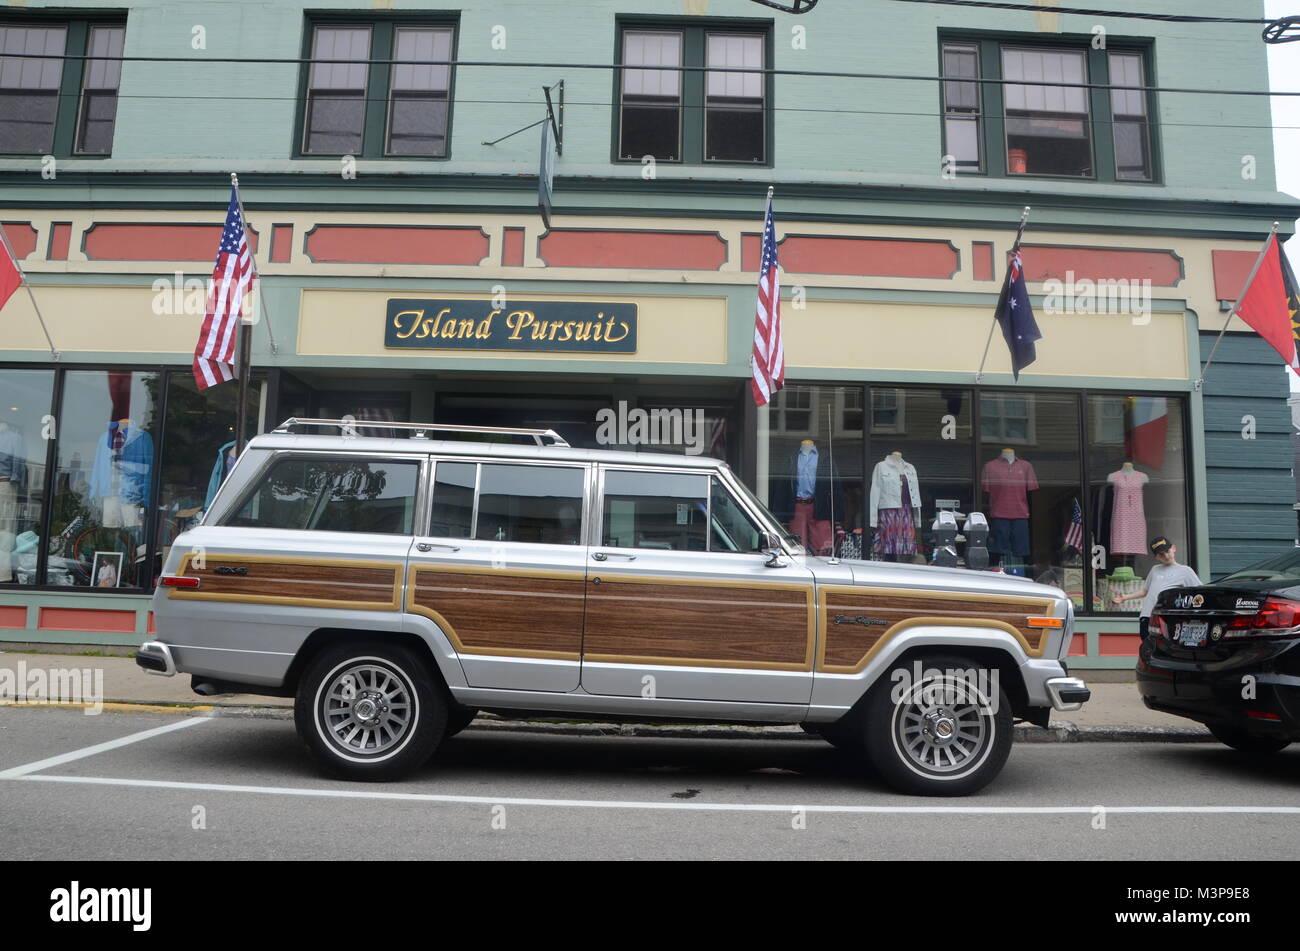 Jeep Grand wagoneer estacionados fuera de la isla búsqueda tienda de ropa newport Rhode Island, EE.UU. Imagen De Stock